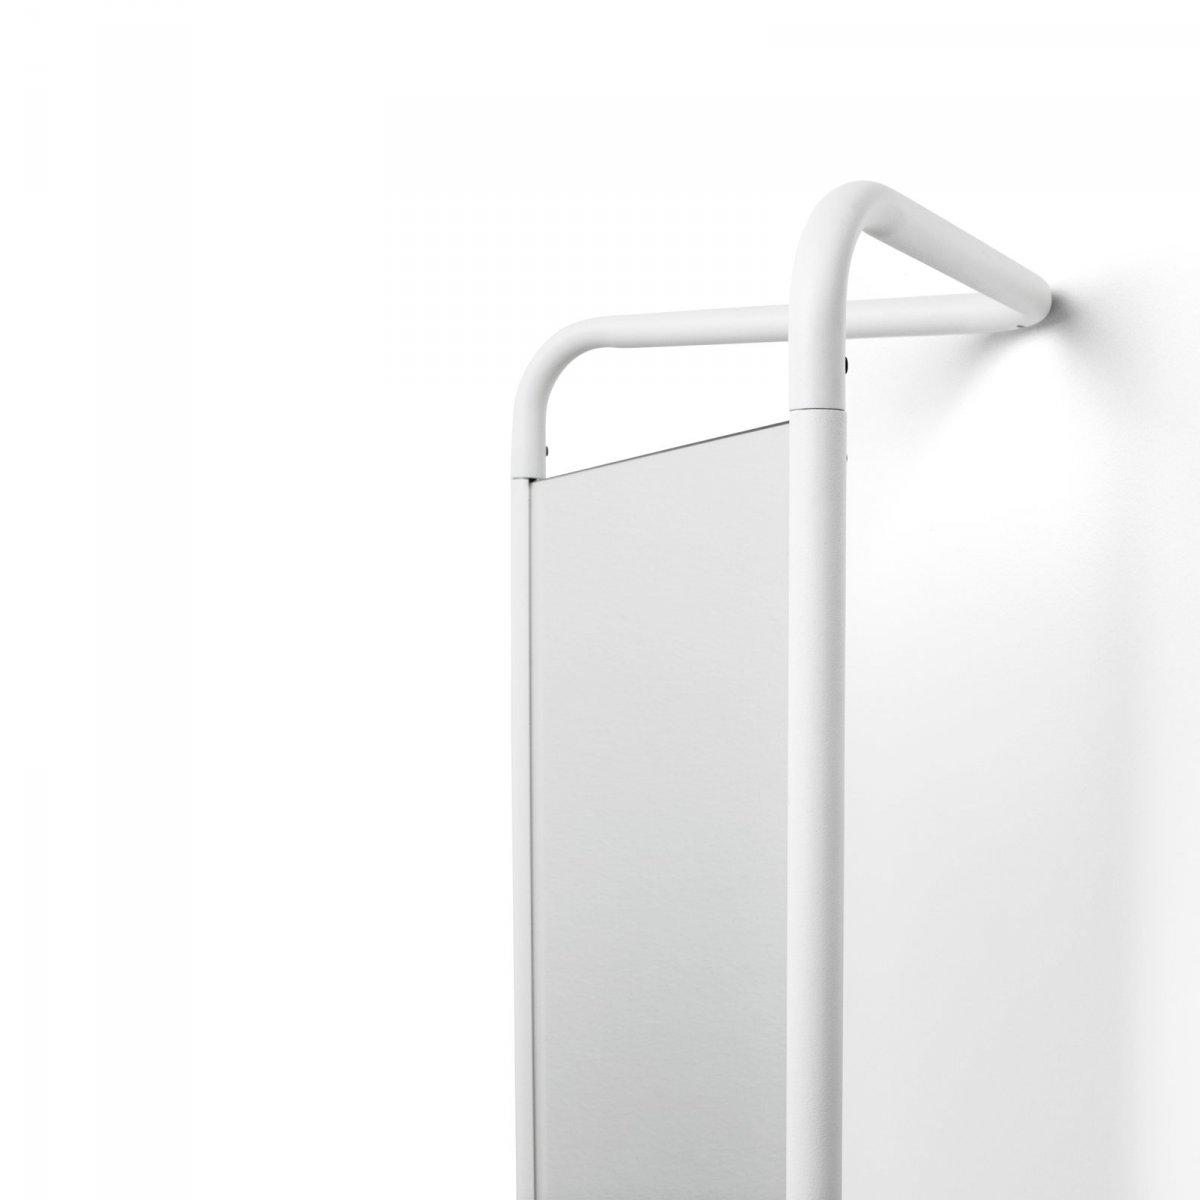 Kaschkasch Floor Mirror, white, detail.